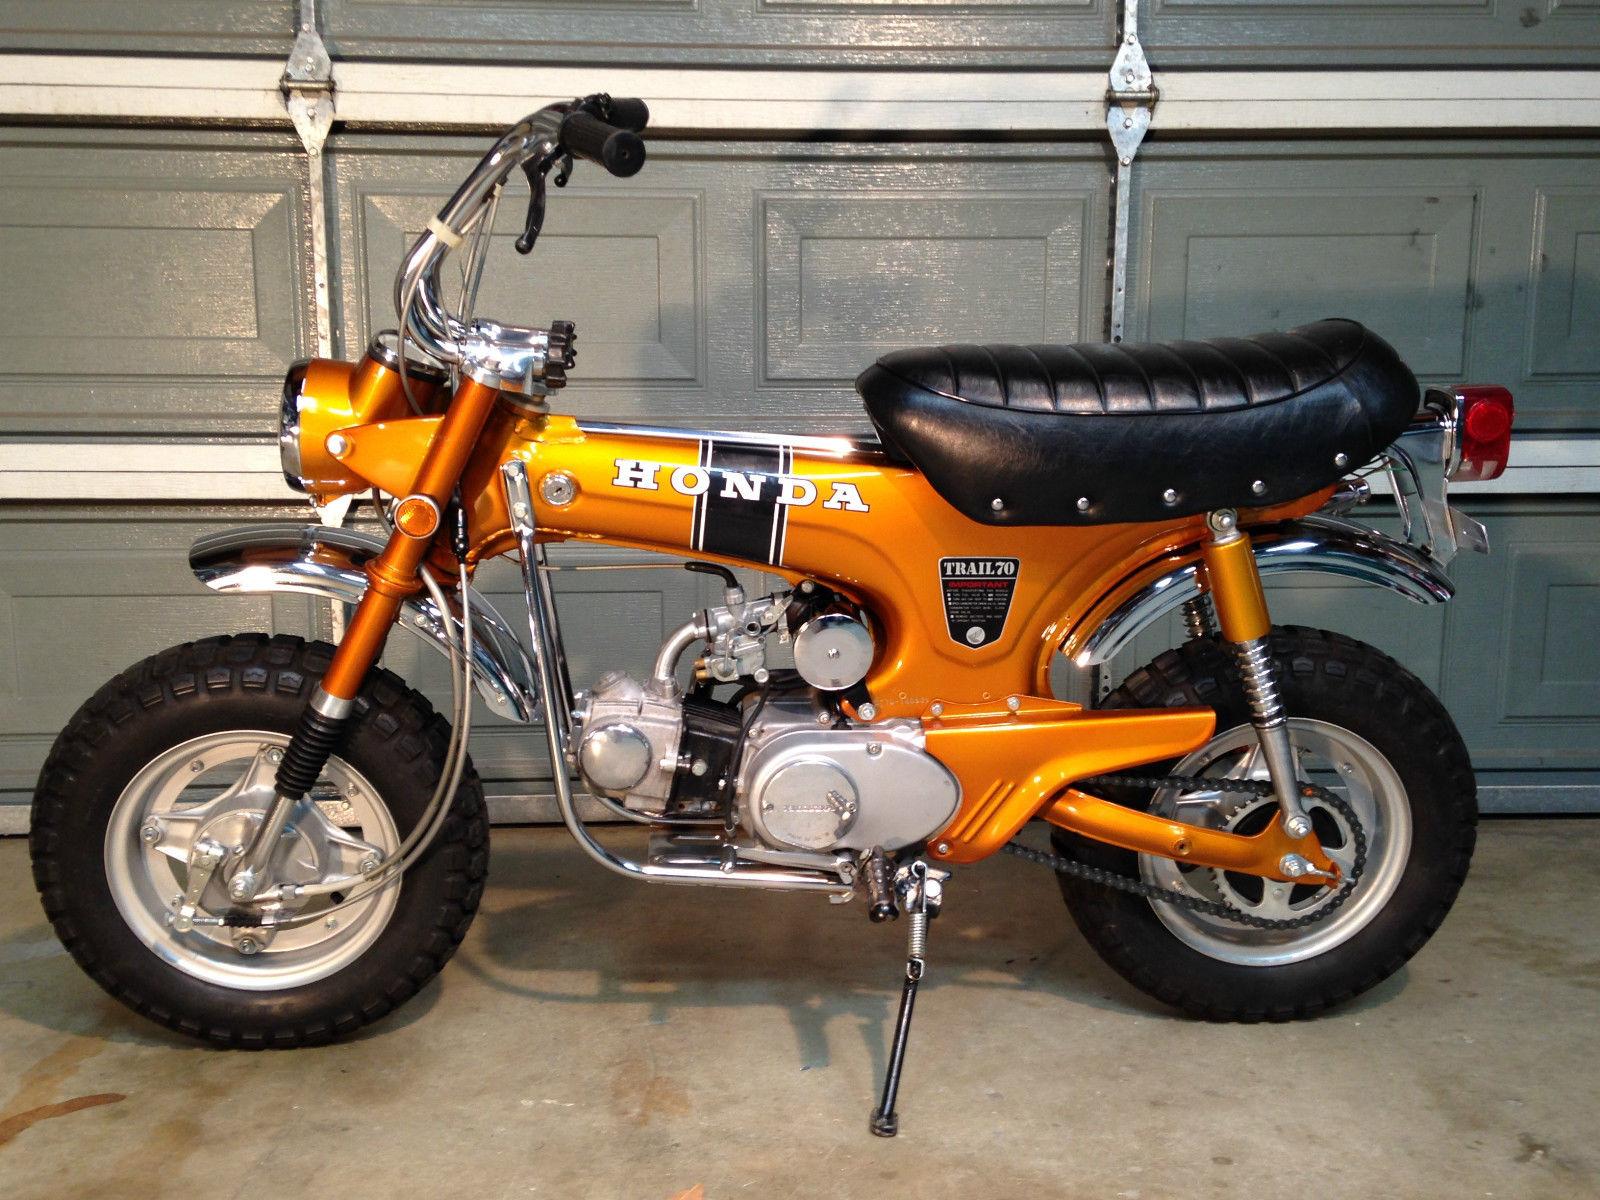 1970 Honda Ct70 Specs Wiring Diagrams Brochures 59 Miles Bike Urious Rh Com Manual